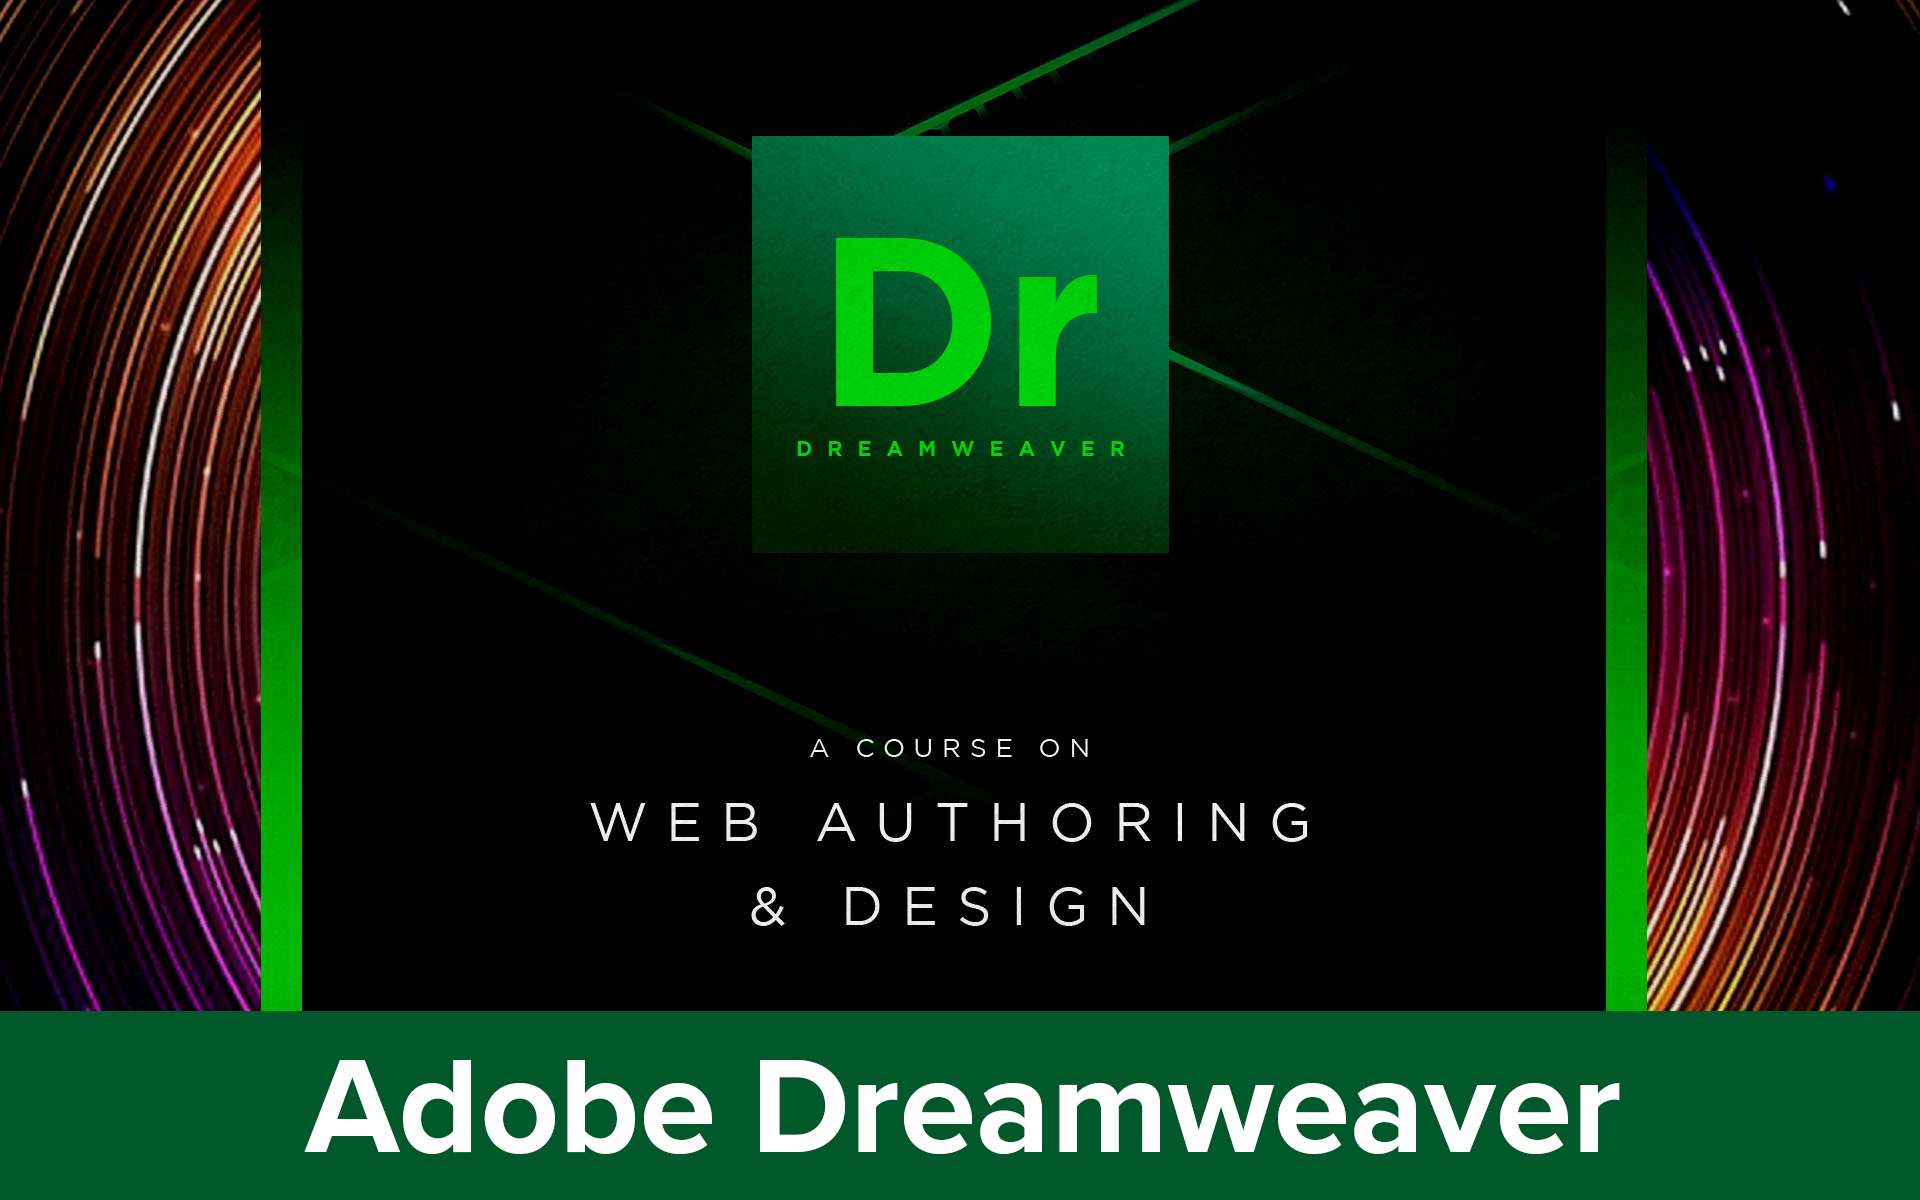 Adobe Dreamweaver CC18|19|20 course image